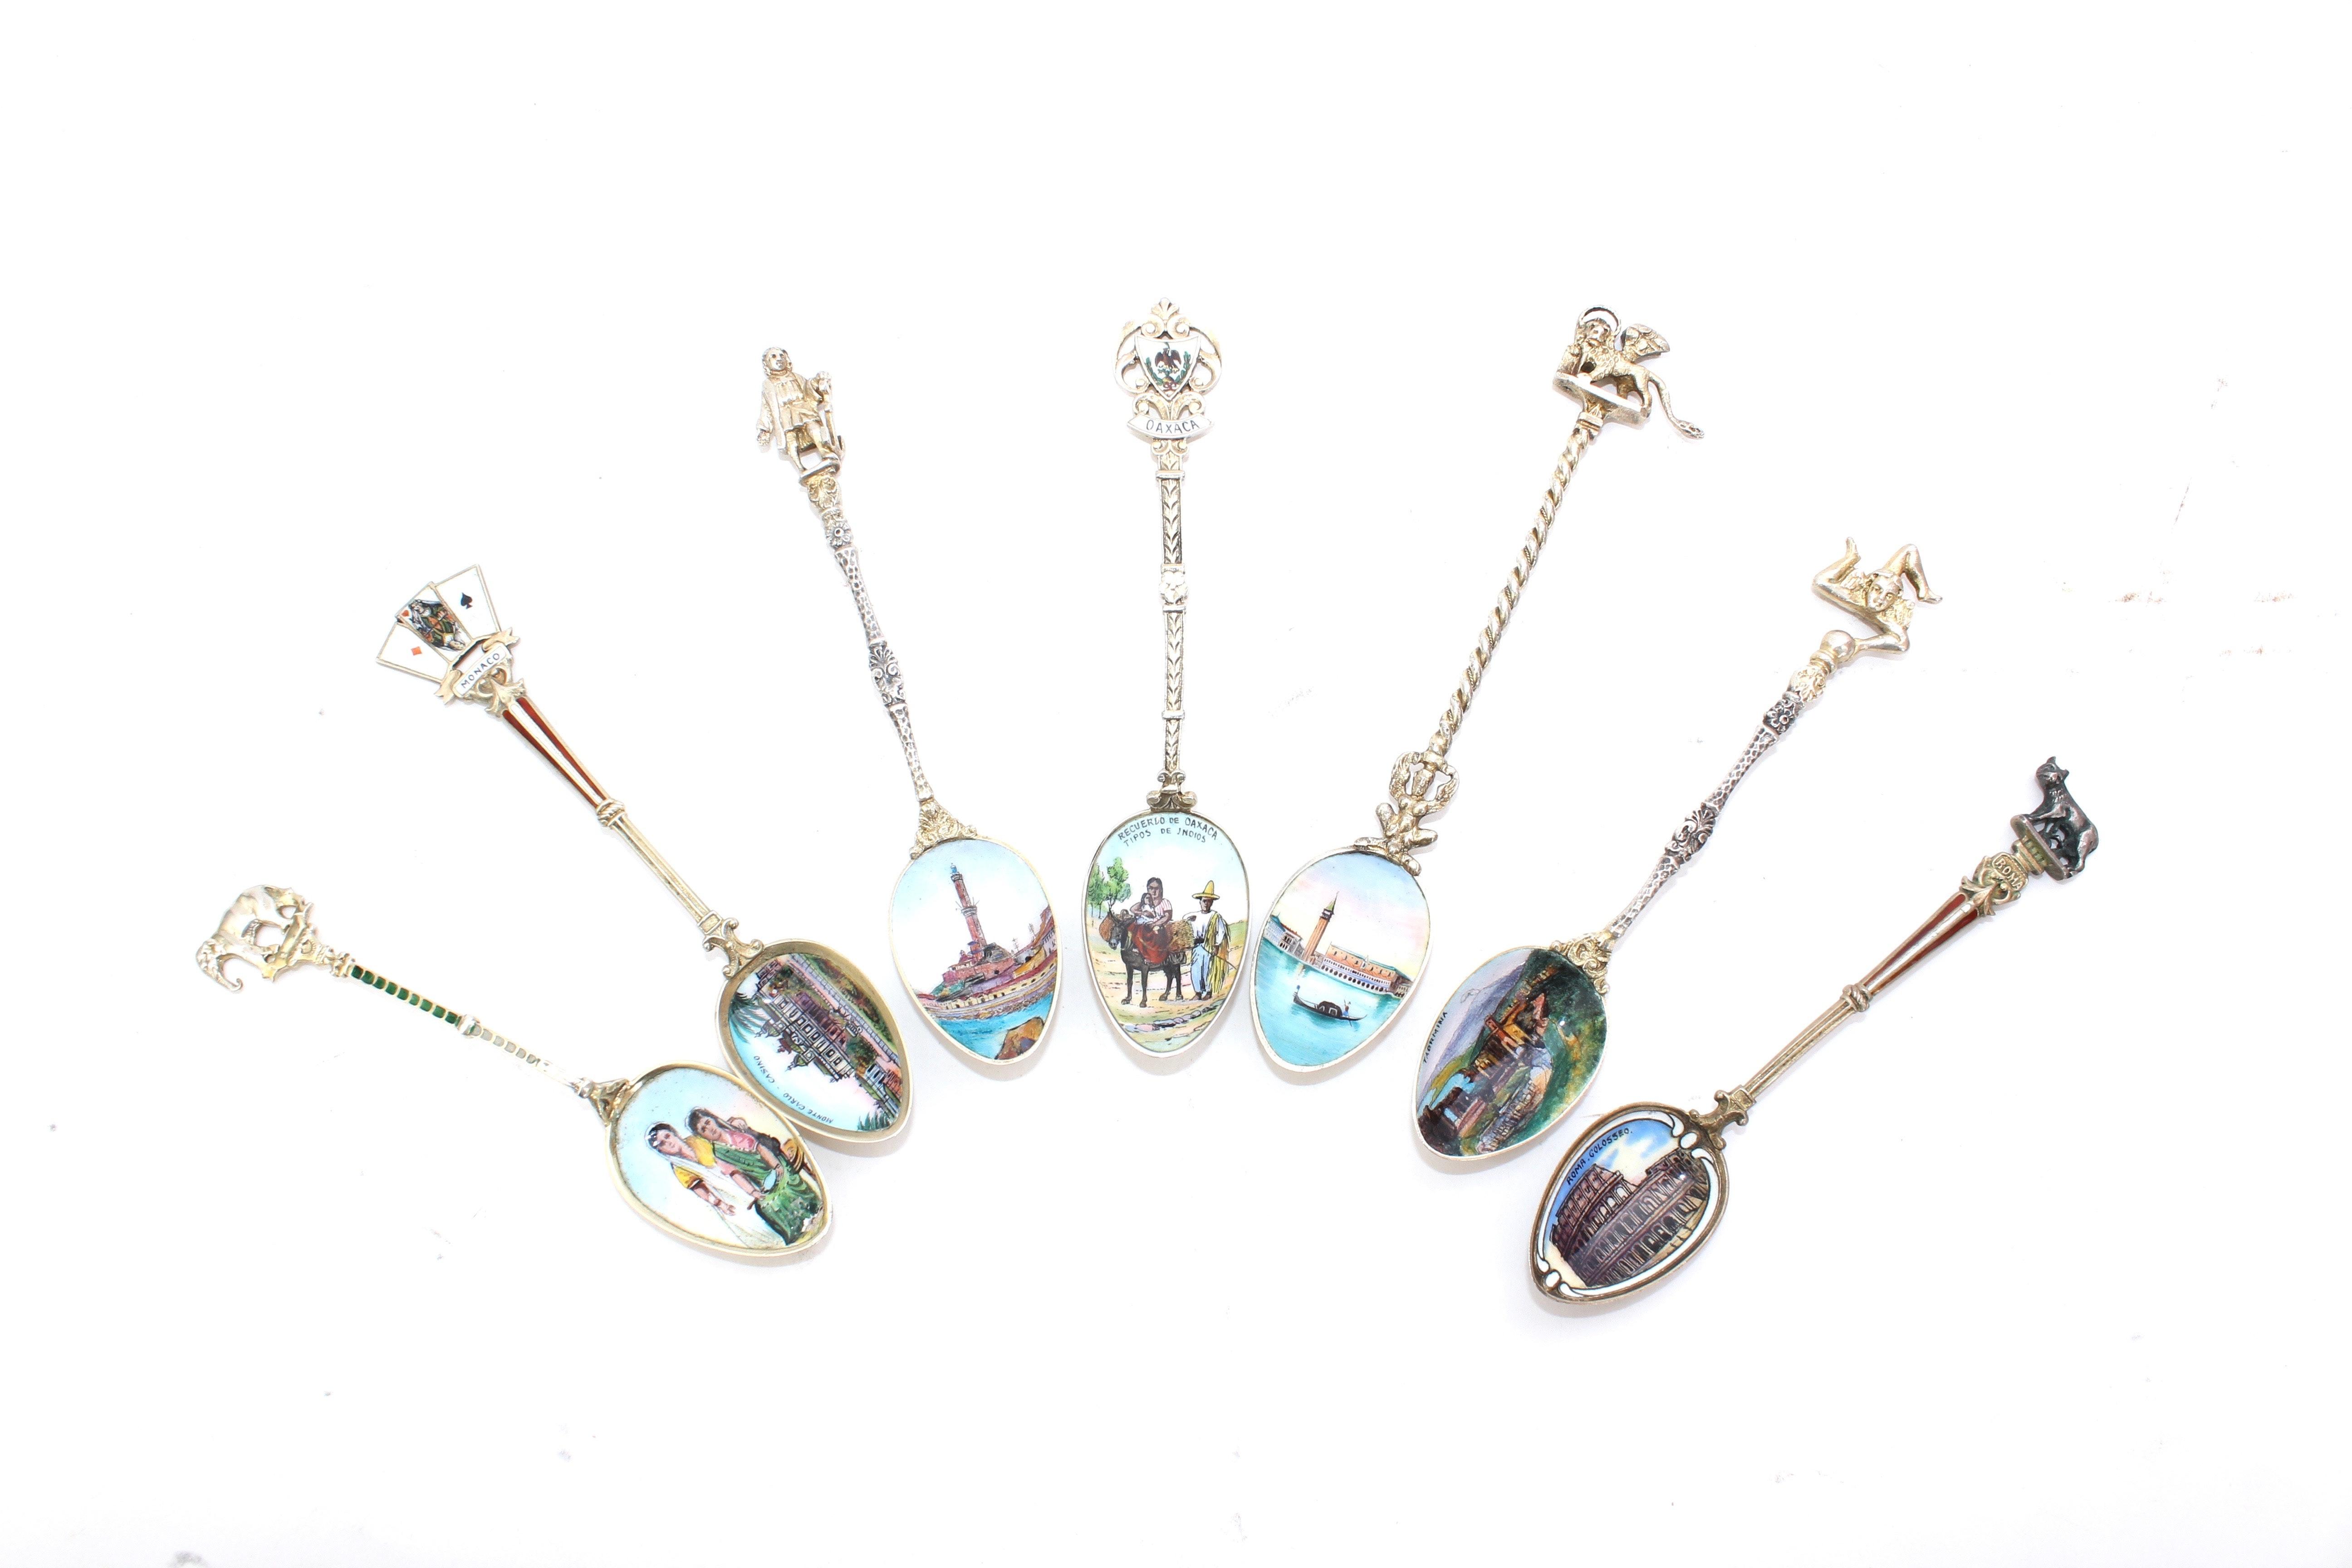 800 Coin Silver Souvenir Spoons